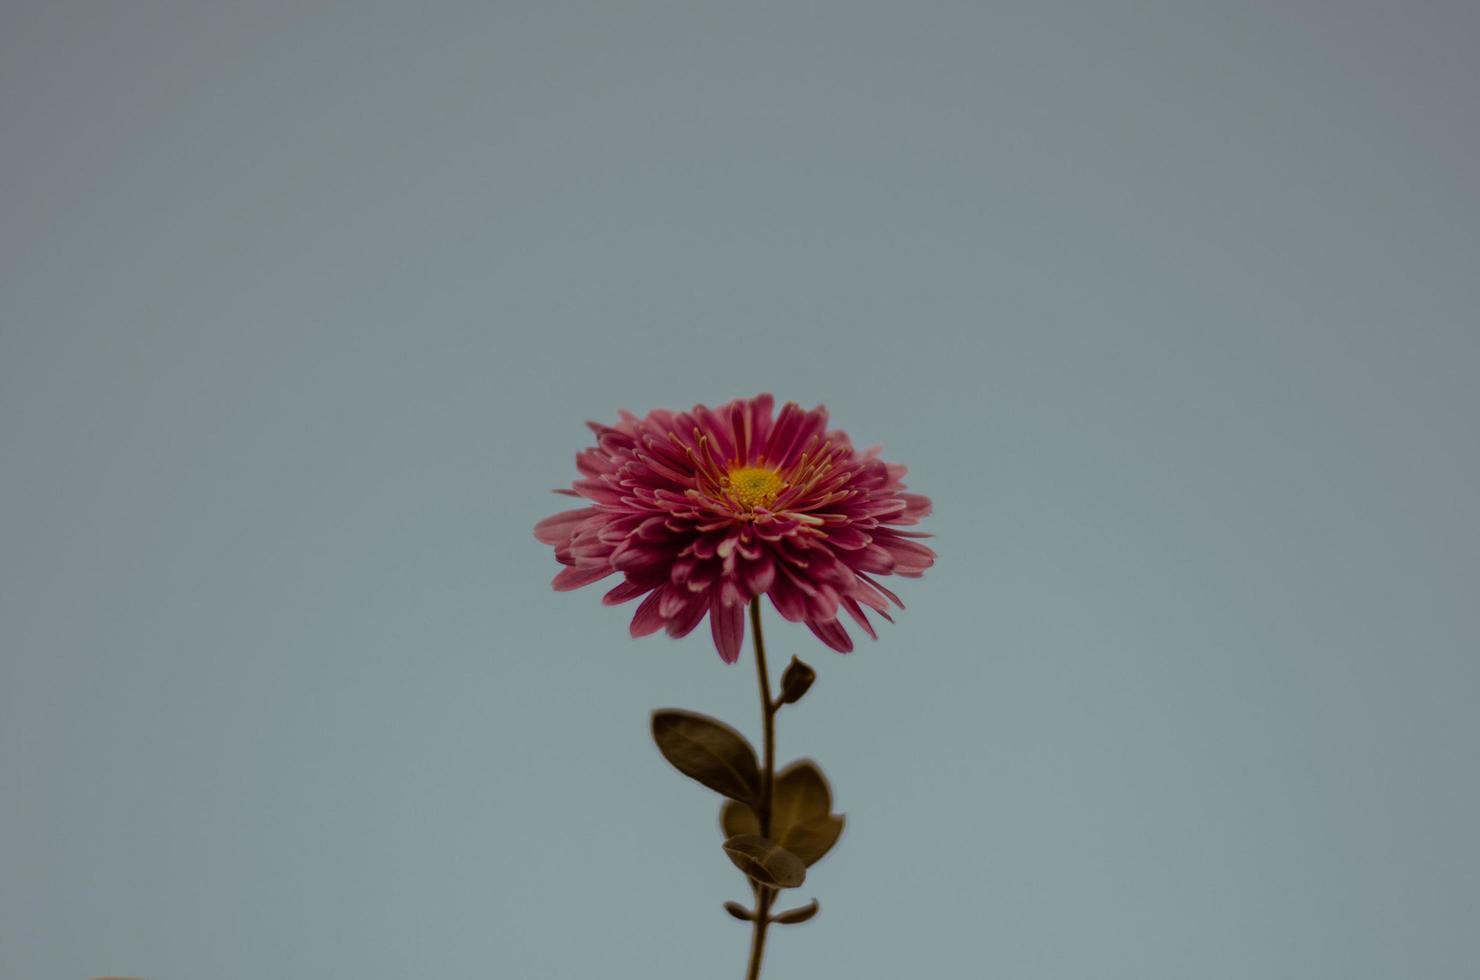 fiore rosa su sfondo blu foto